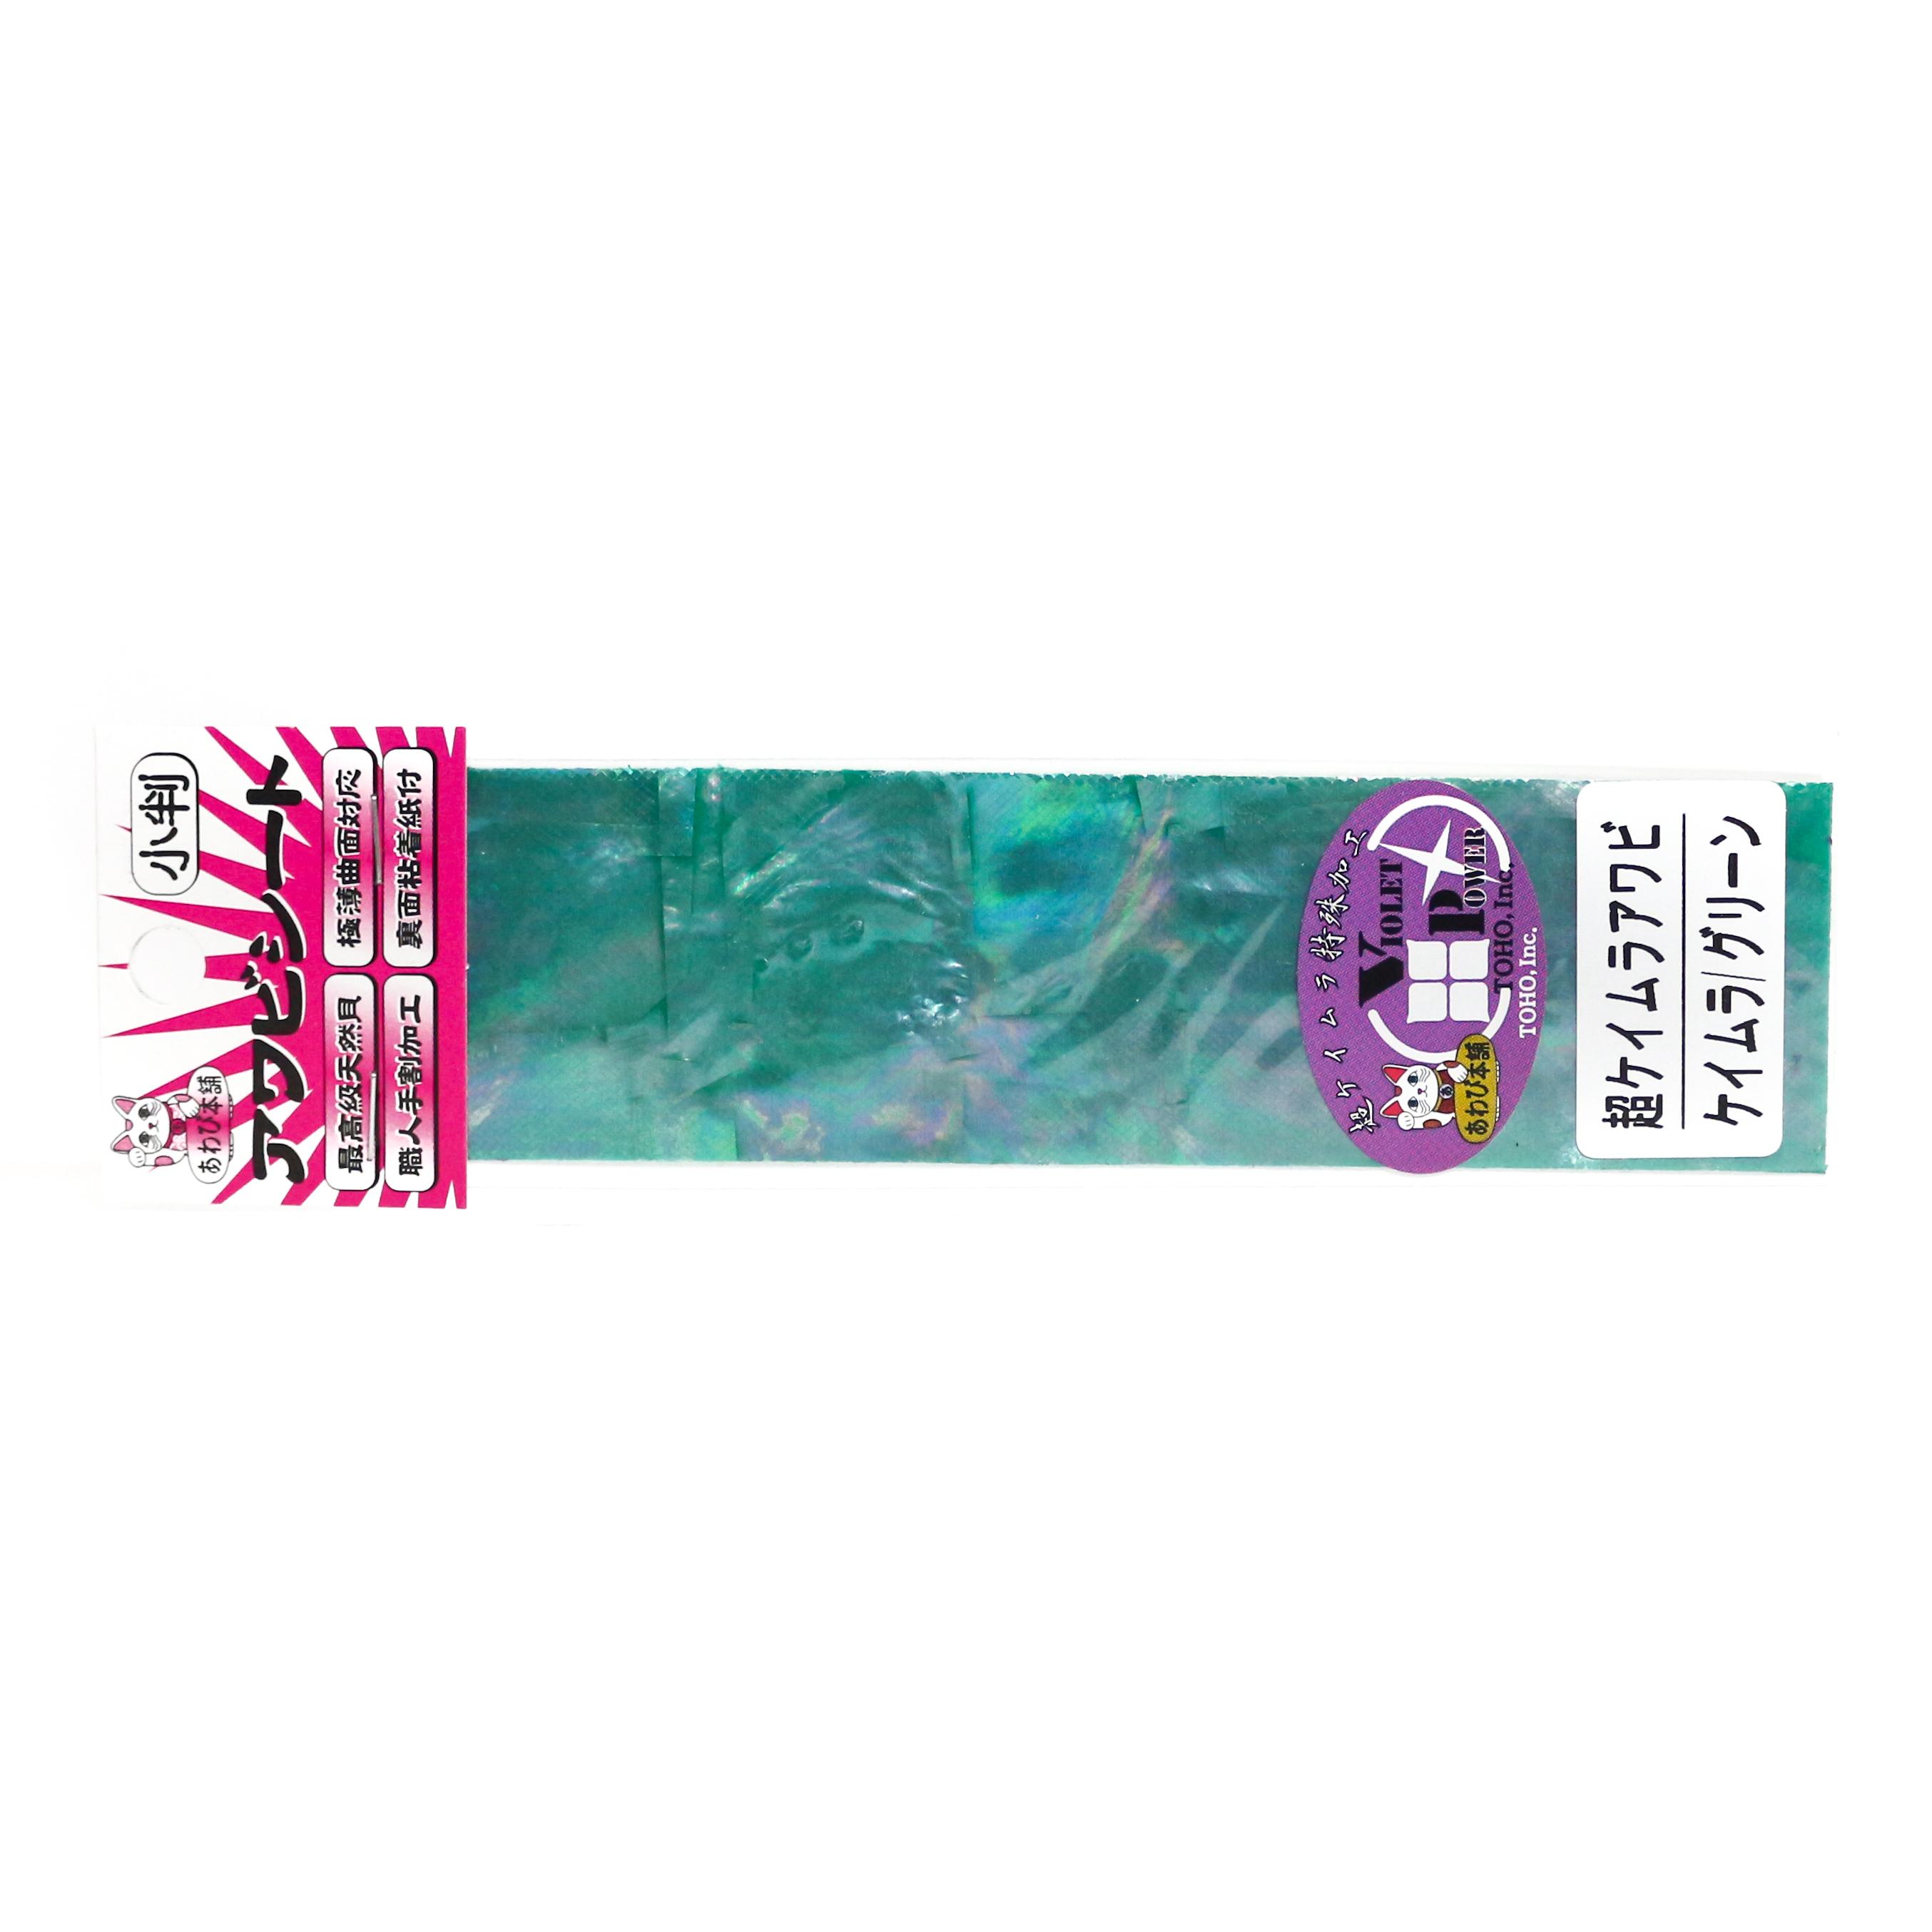 Awabi Honpo Awabi Sheet Keimura Size S 40 x 140 mm Green (1098)